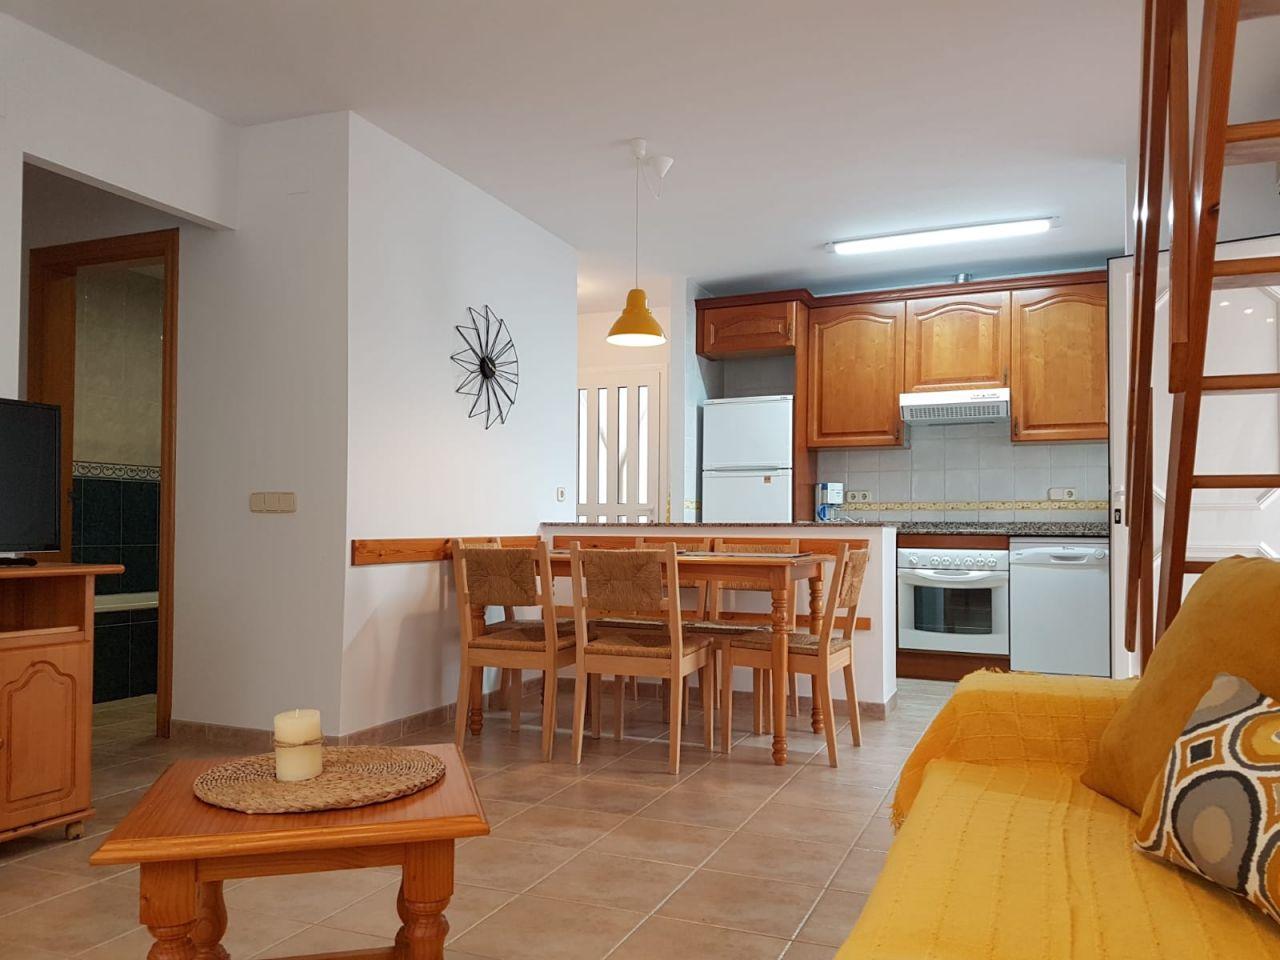 Chalet La Tancada. Alquiler de casas y chalets en Riumar, Deltebre, delta del Ebro - 15